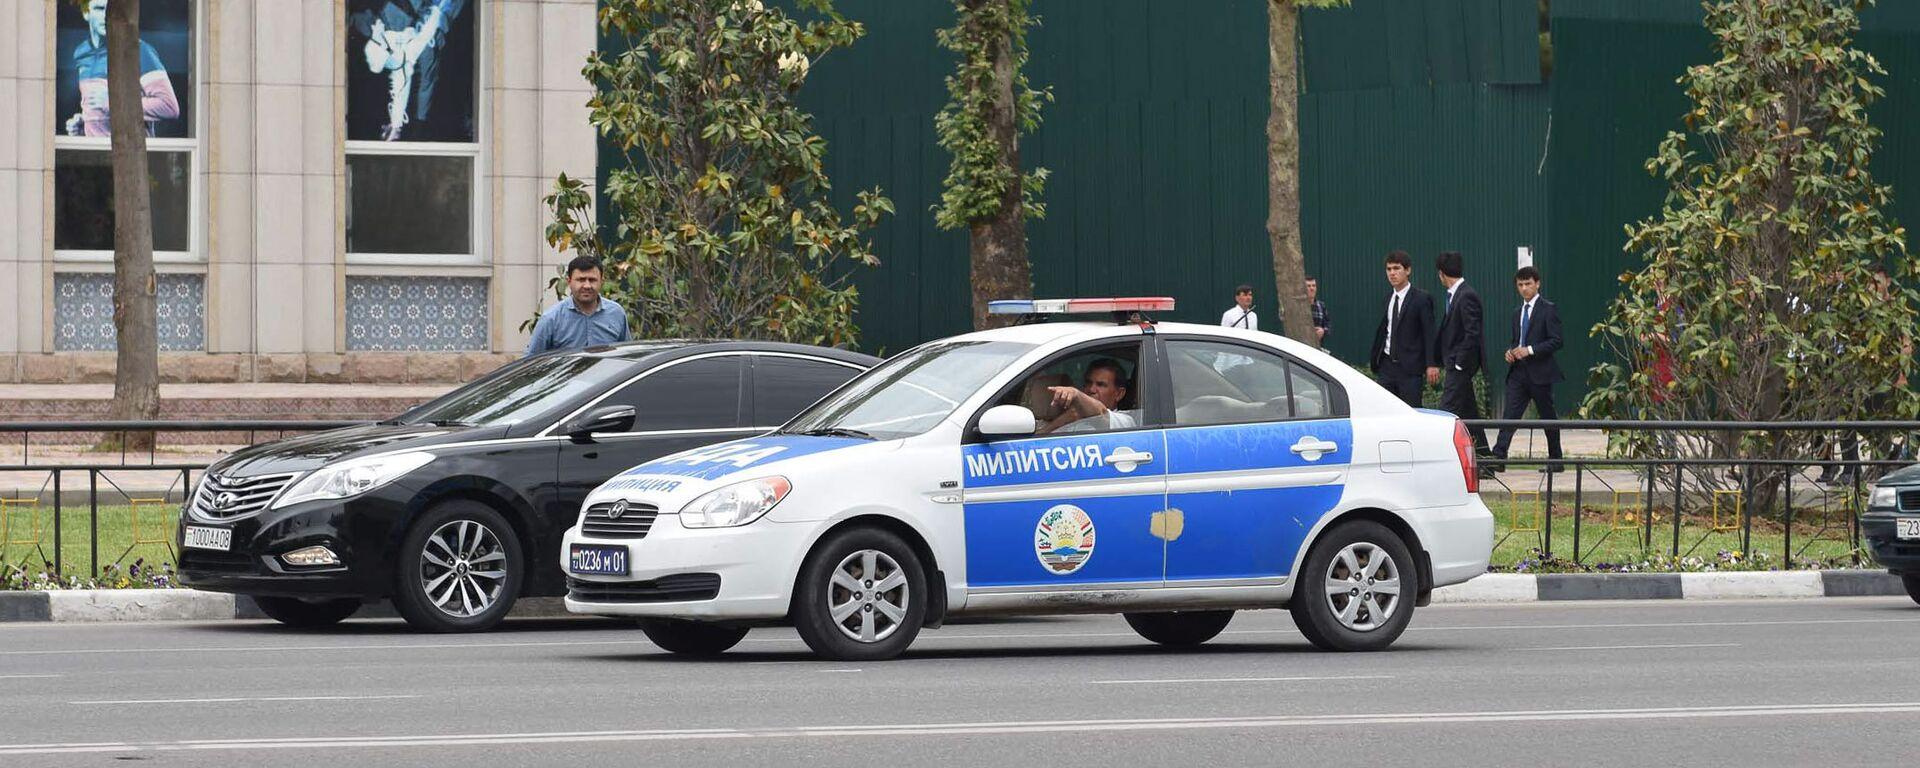 Машина милиции в Душанбе, архивное фото - Sputnik Тоҷикистон, 1920, 28.07.2021